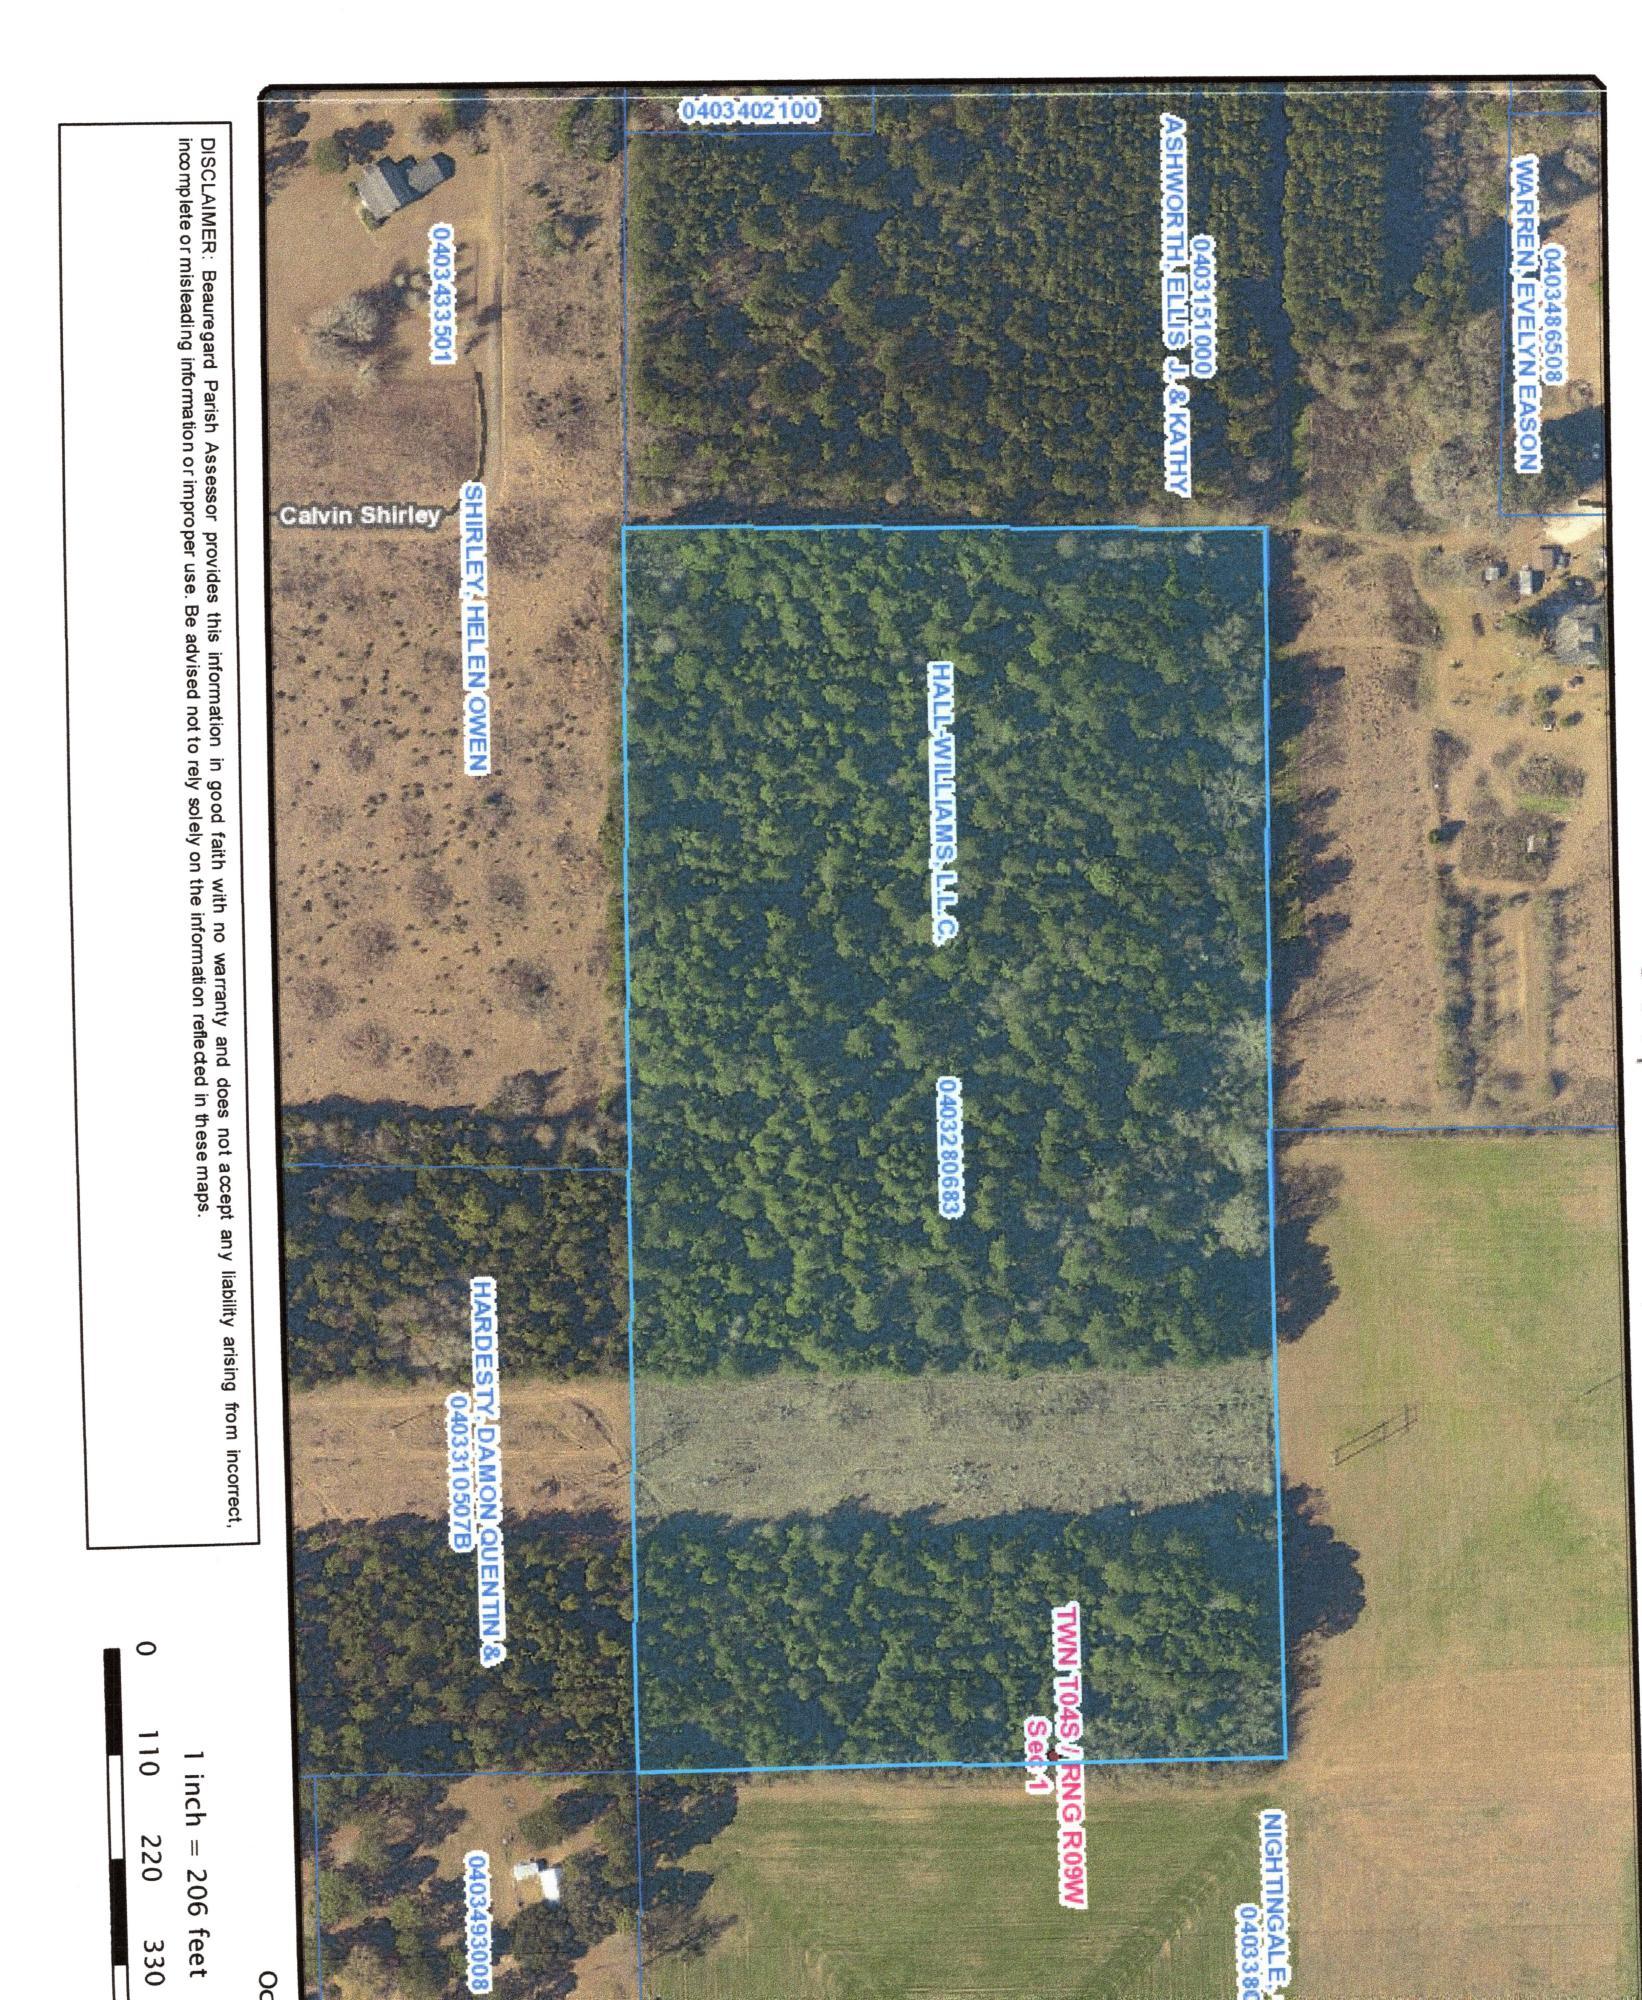 DeRidder land for sale,  TBD MENNONITE RD, DeRidder LA - $50,000